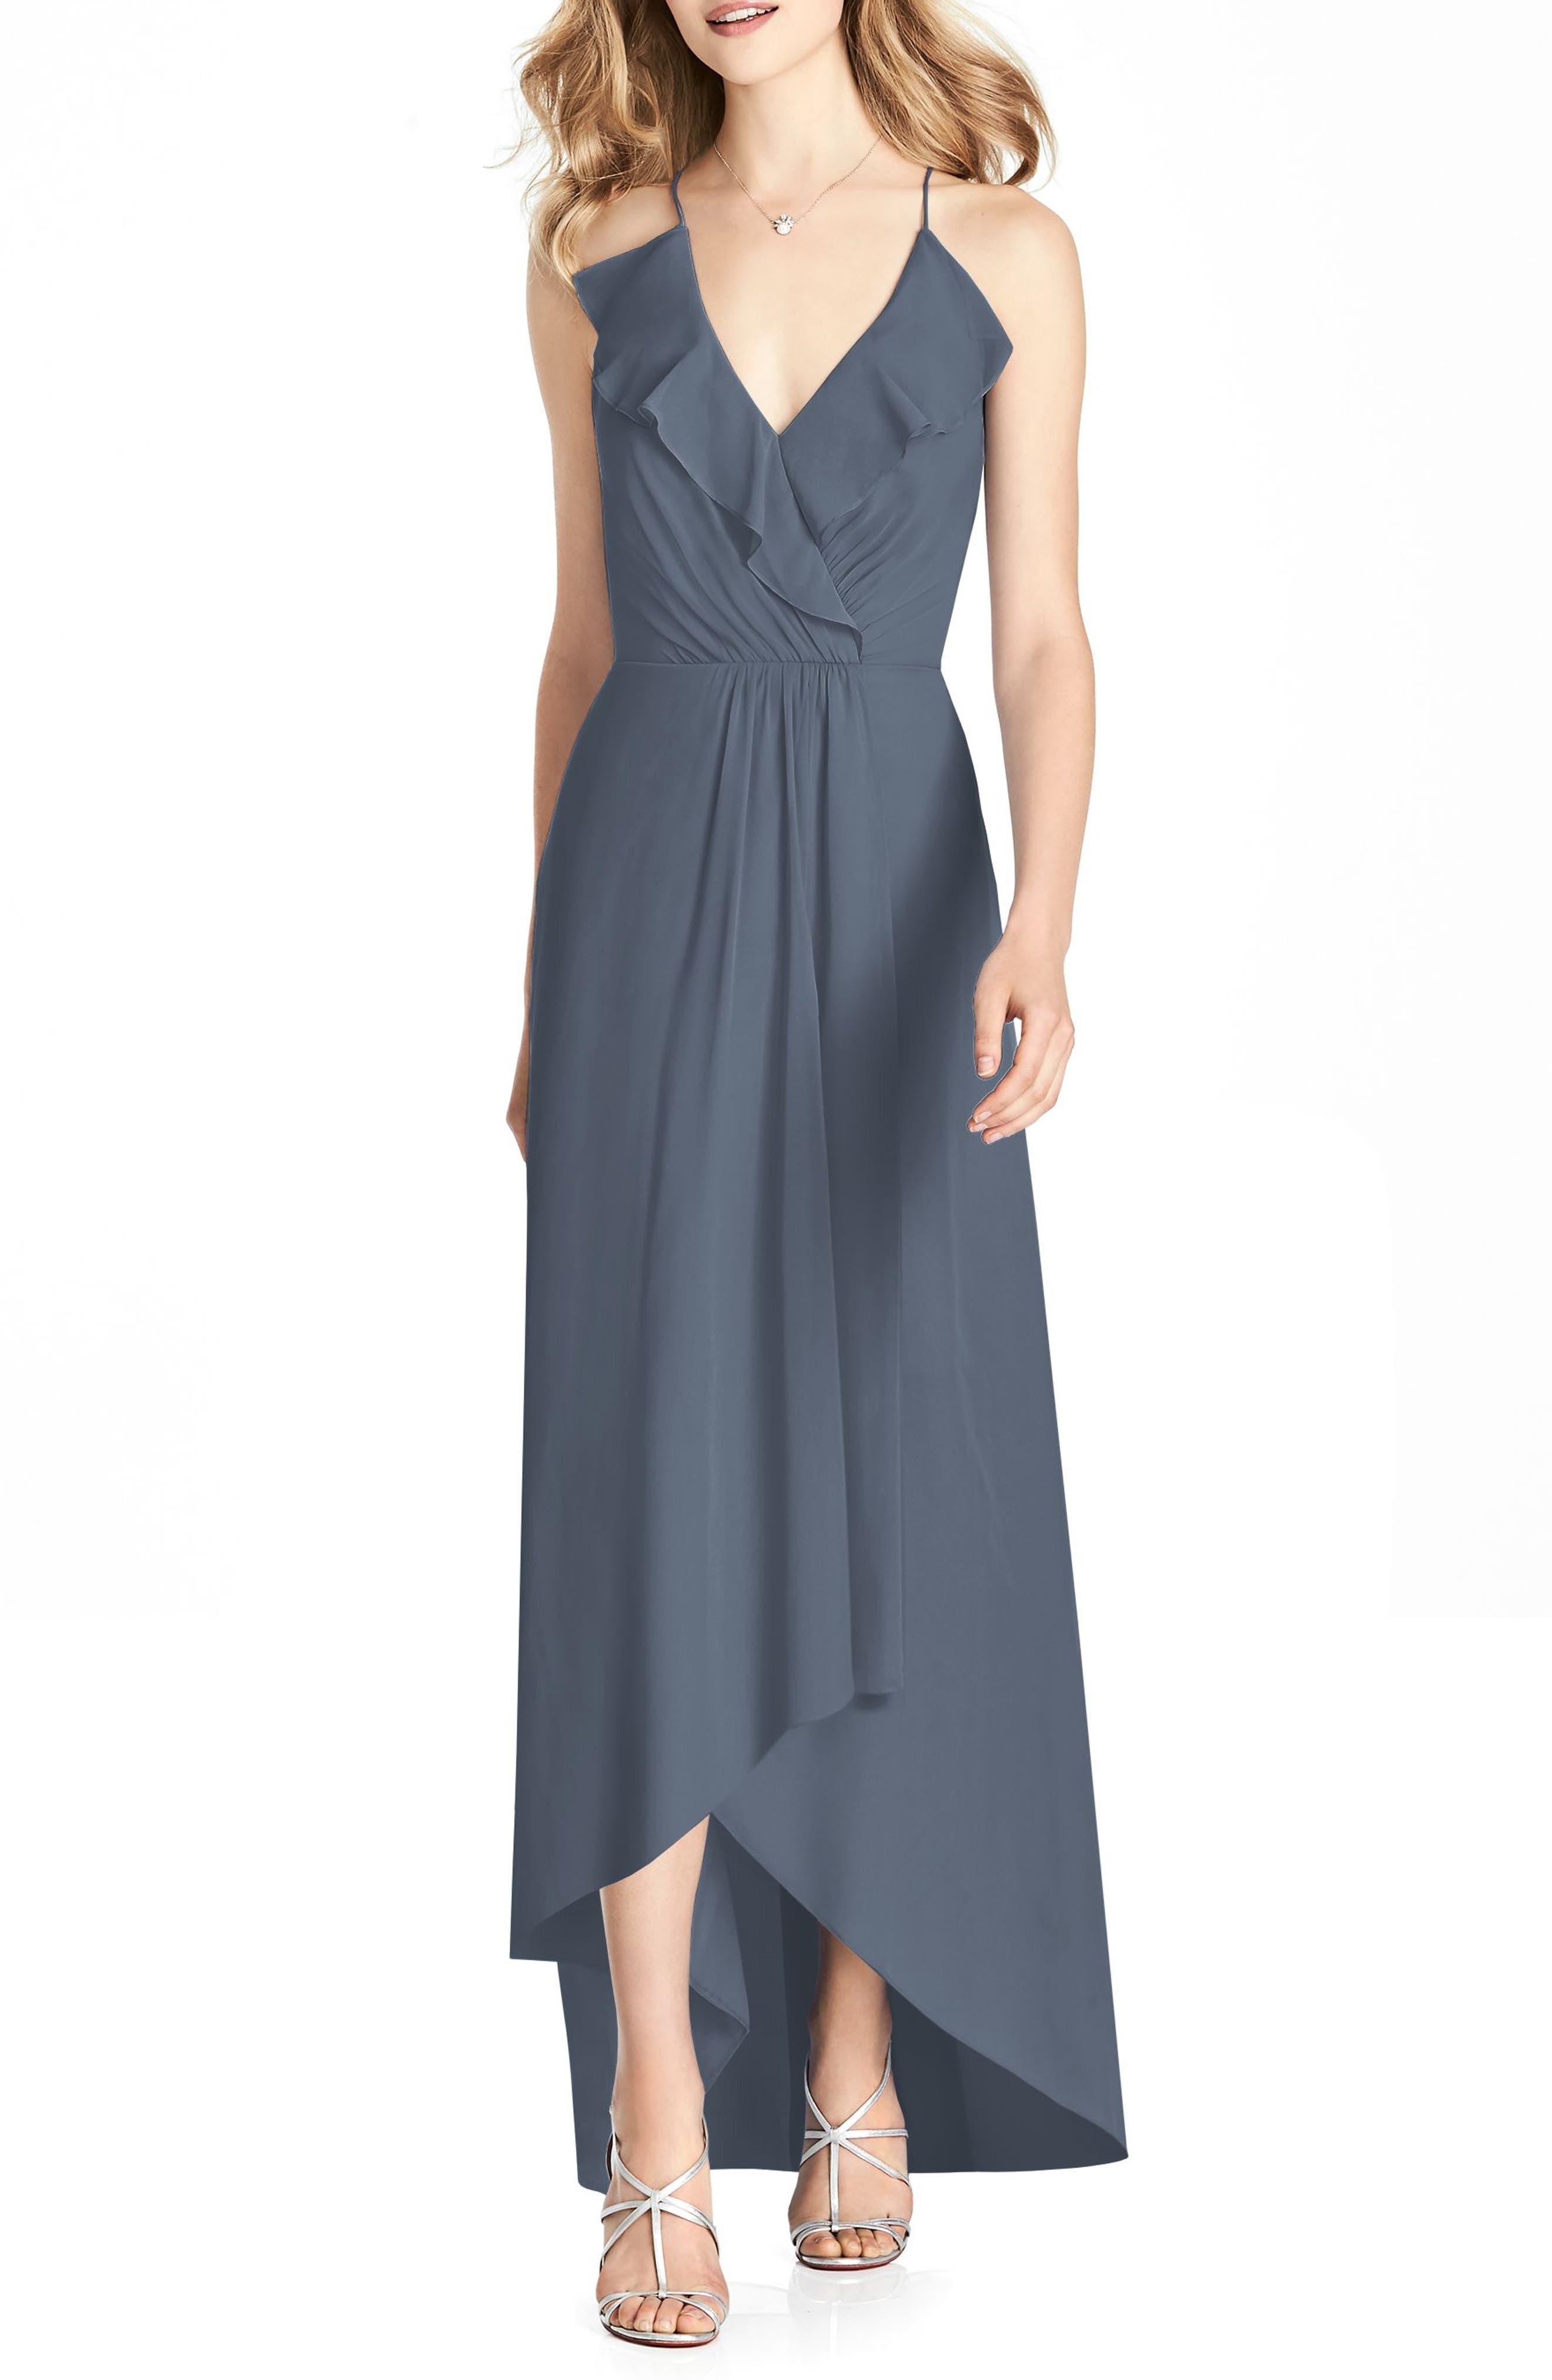 JENNY PACKHAM Ruffle Neck Chiffon Gown, Main, color, SILVERSTONE